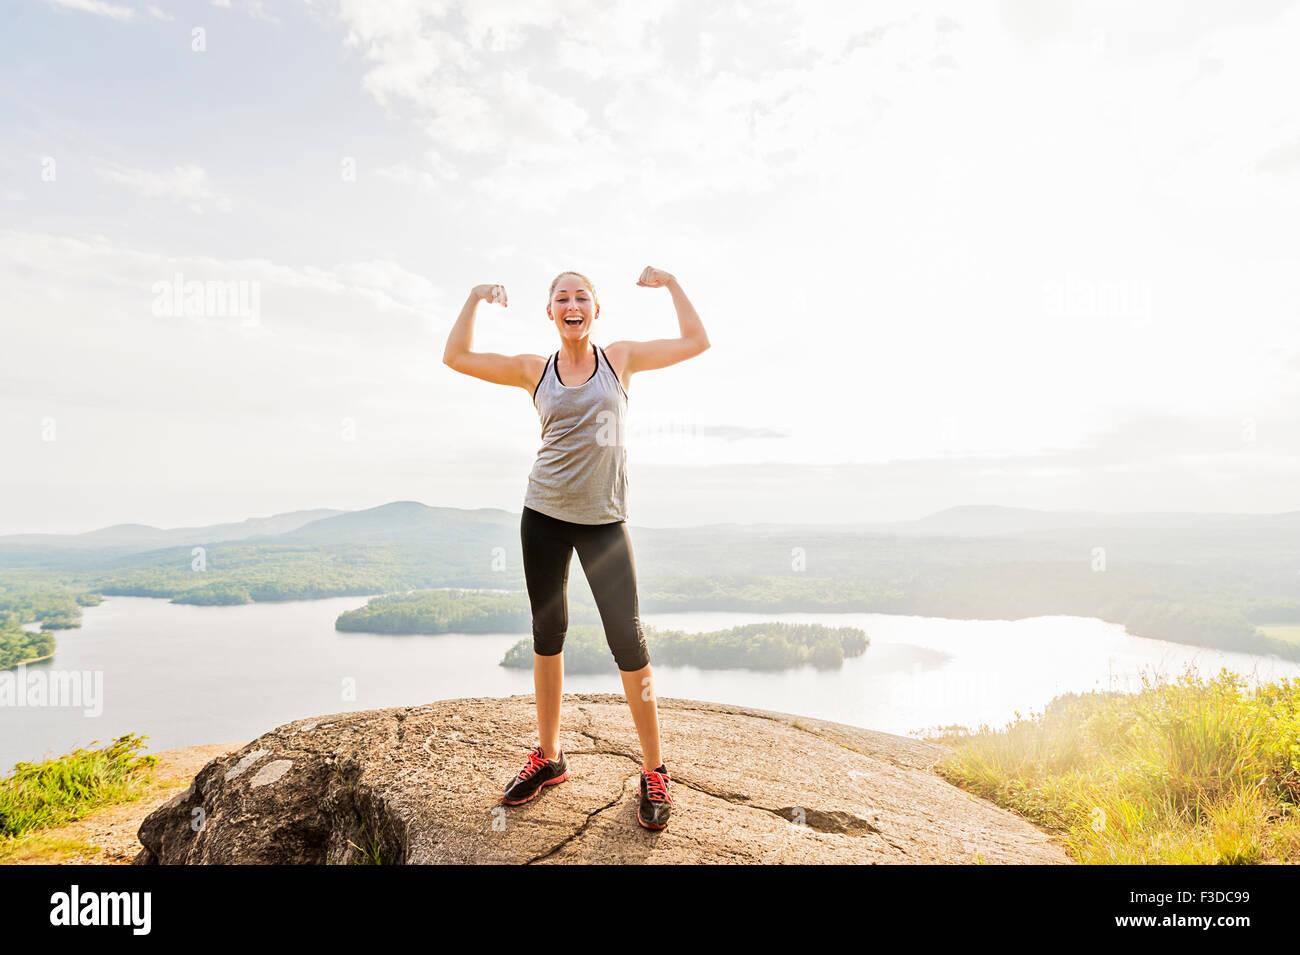 Jeune femme debout sur le dessus de la montagne et flexing muscles Photo Stock